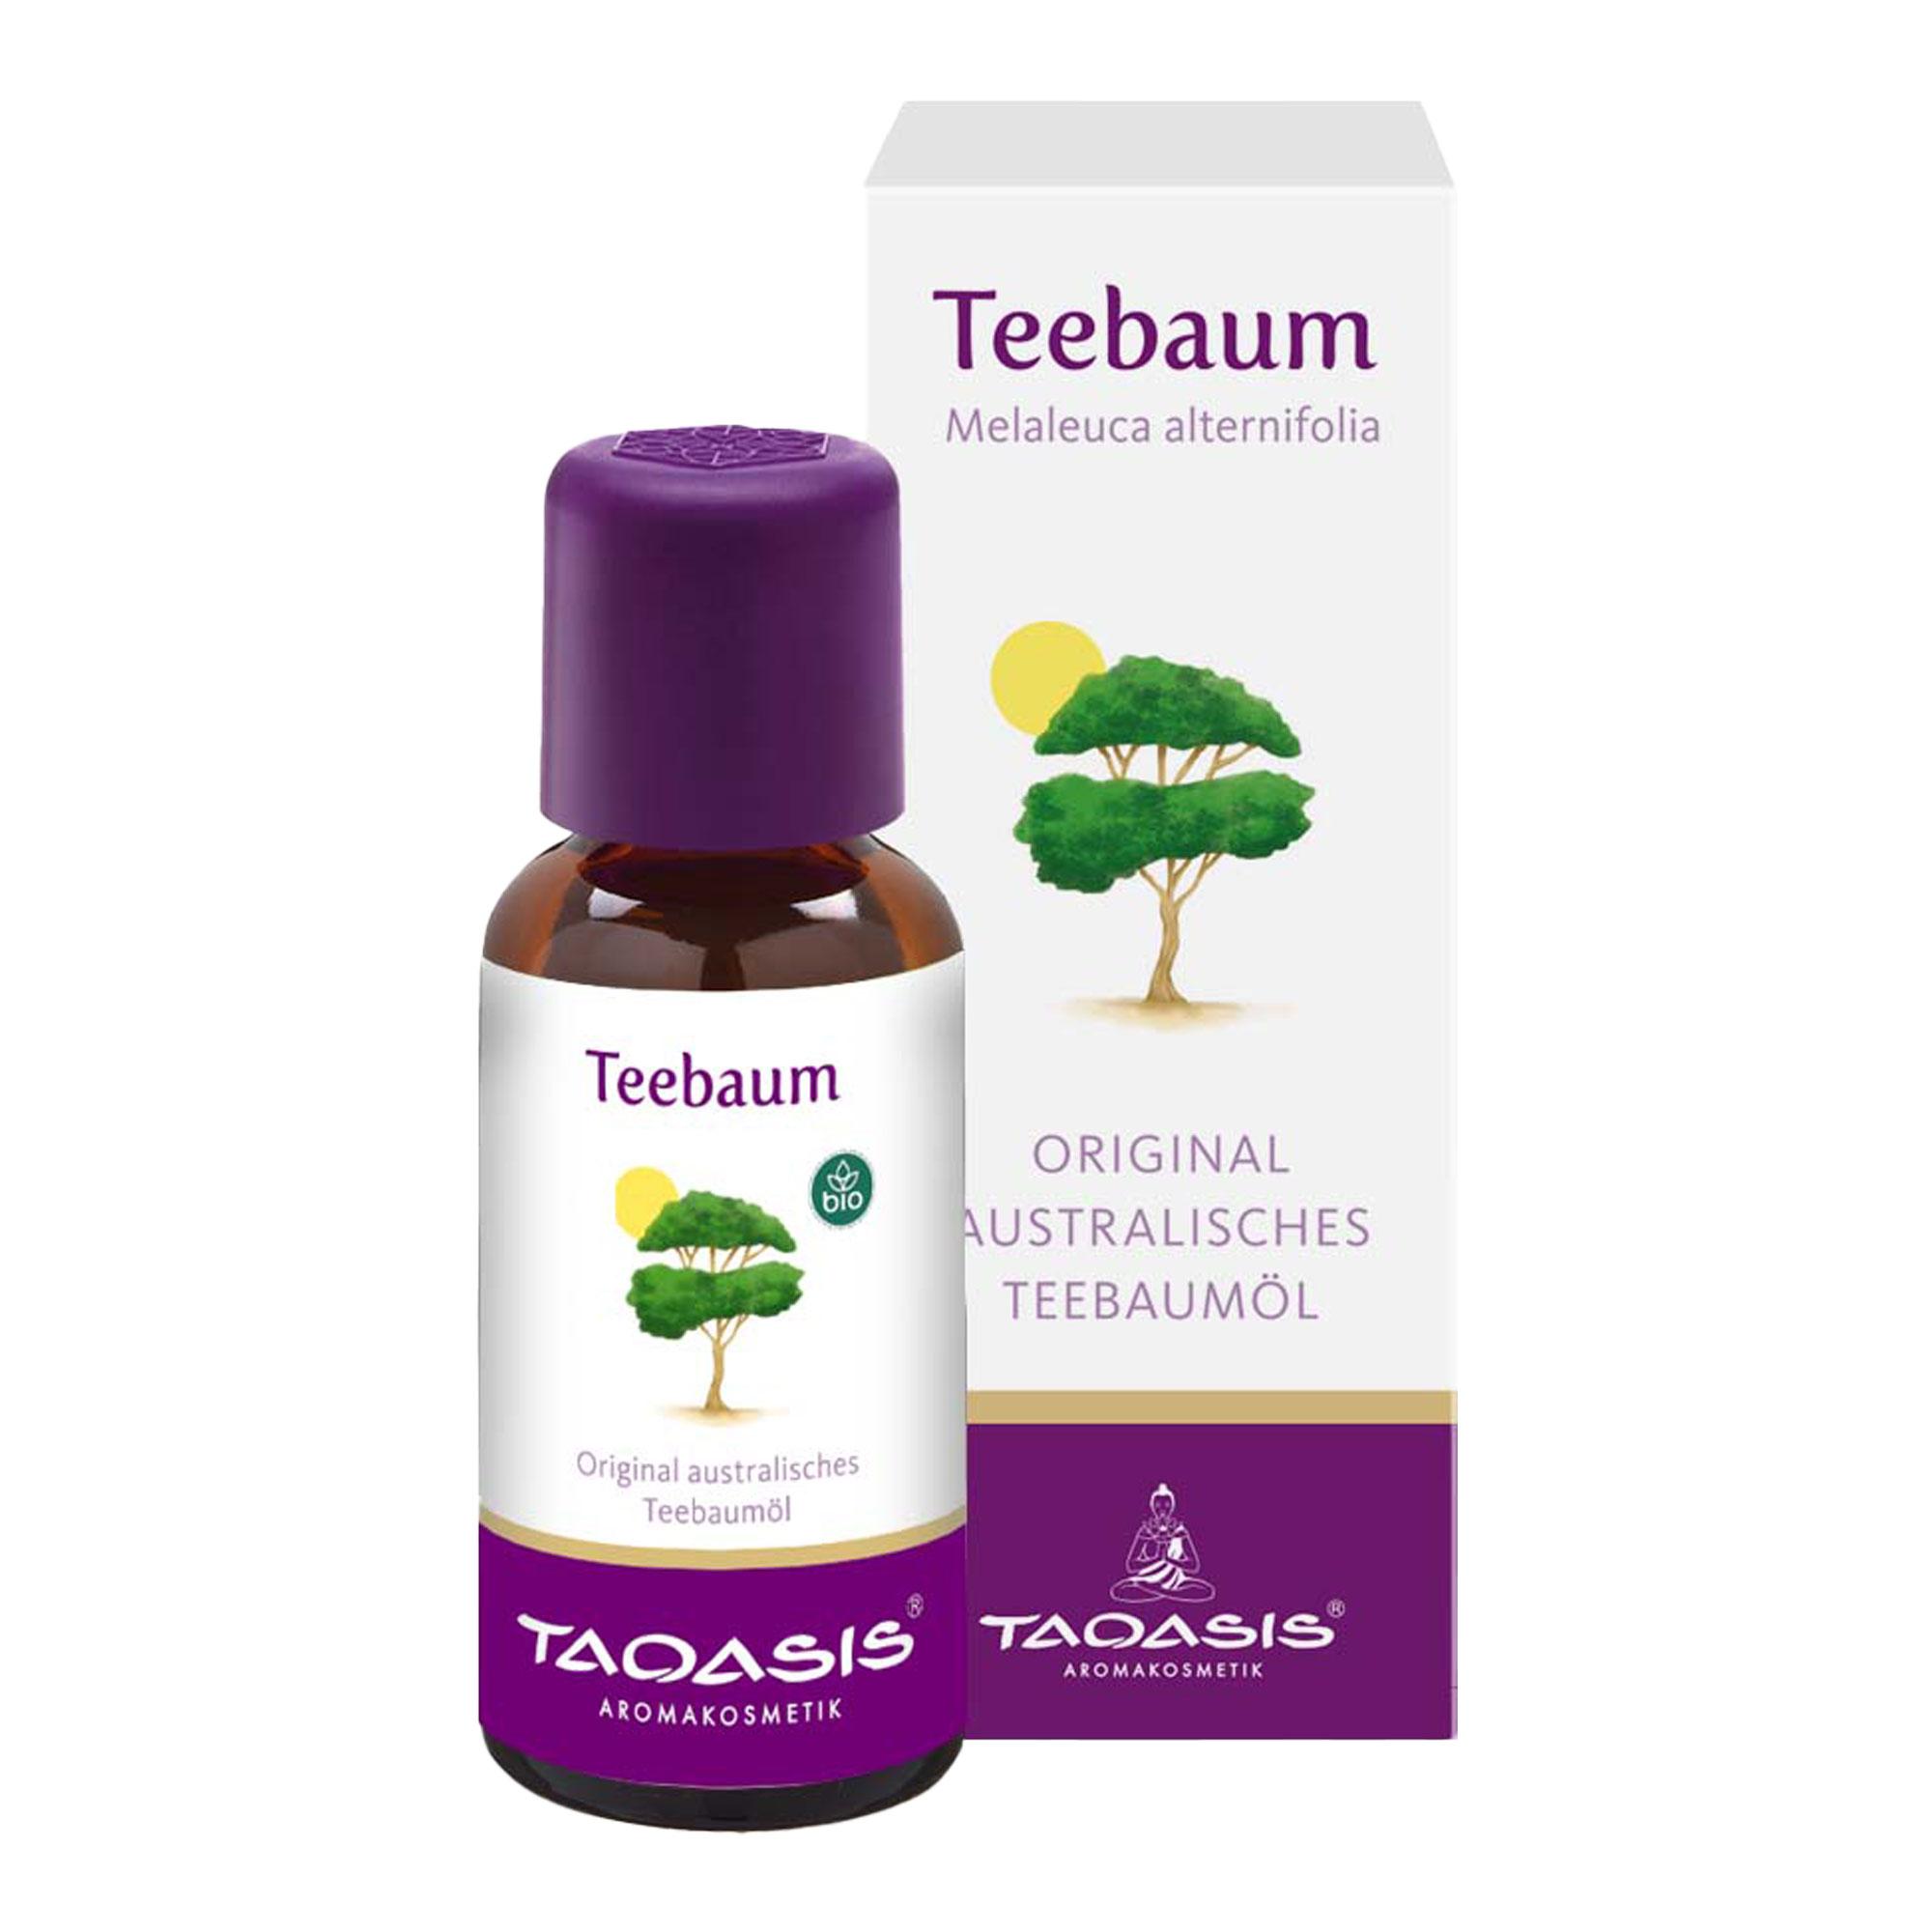 Teebaum ÖL im Umkarton